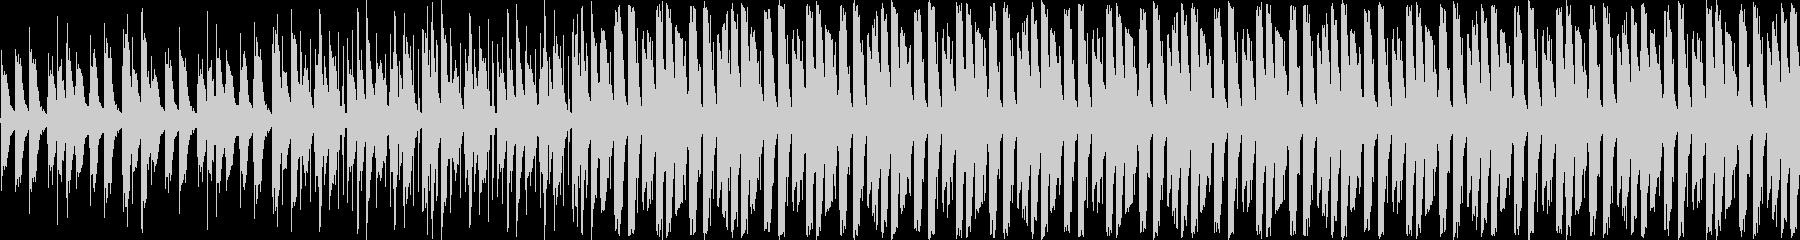 【キラキラシンセポップ】の未再生の波形